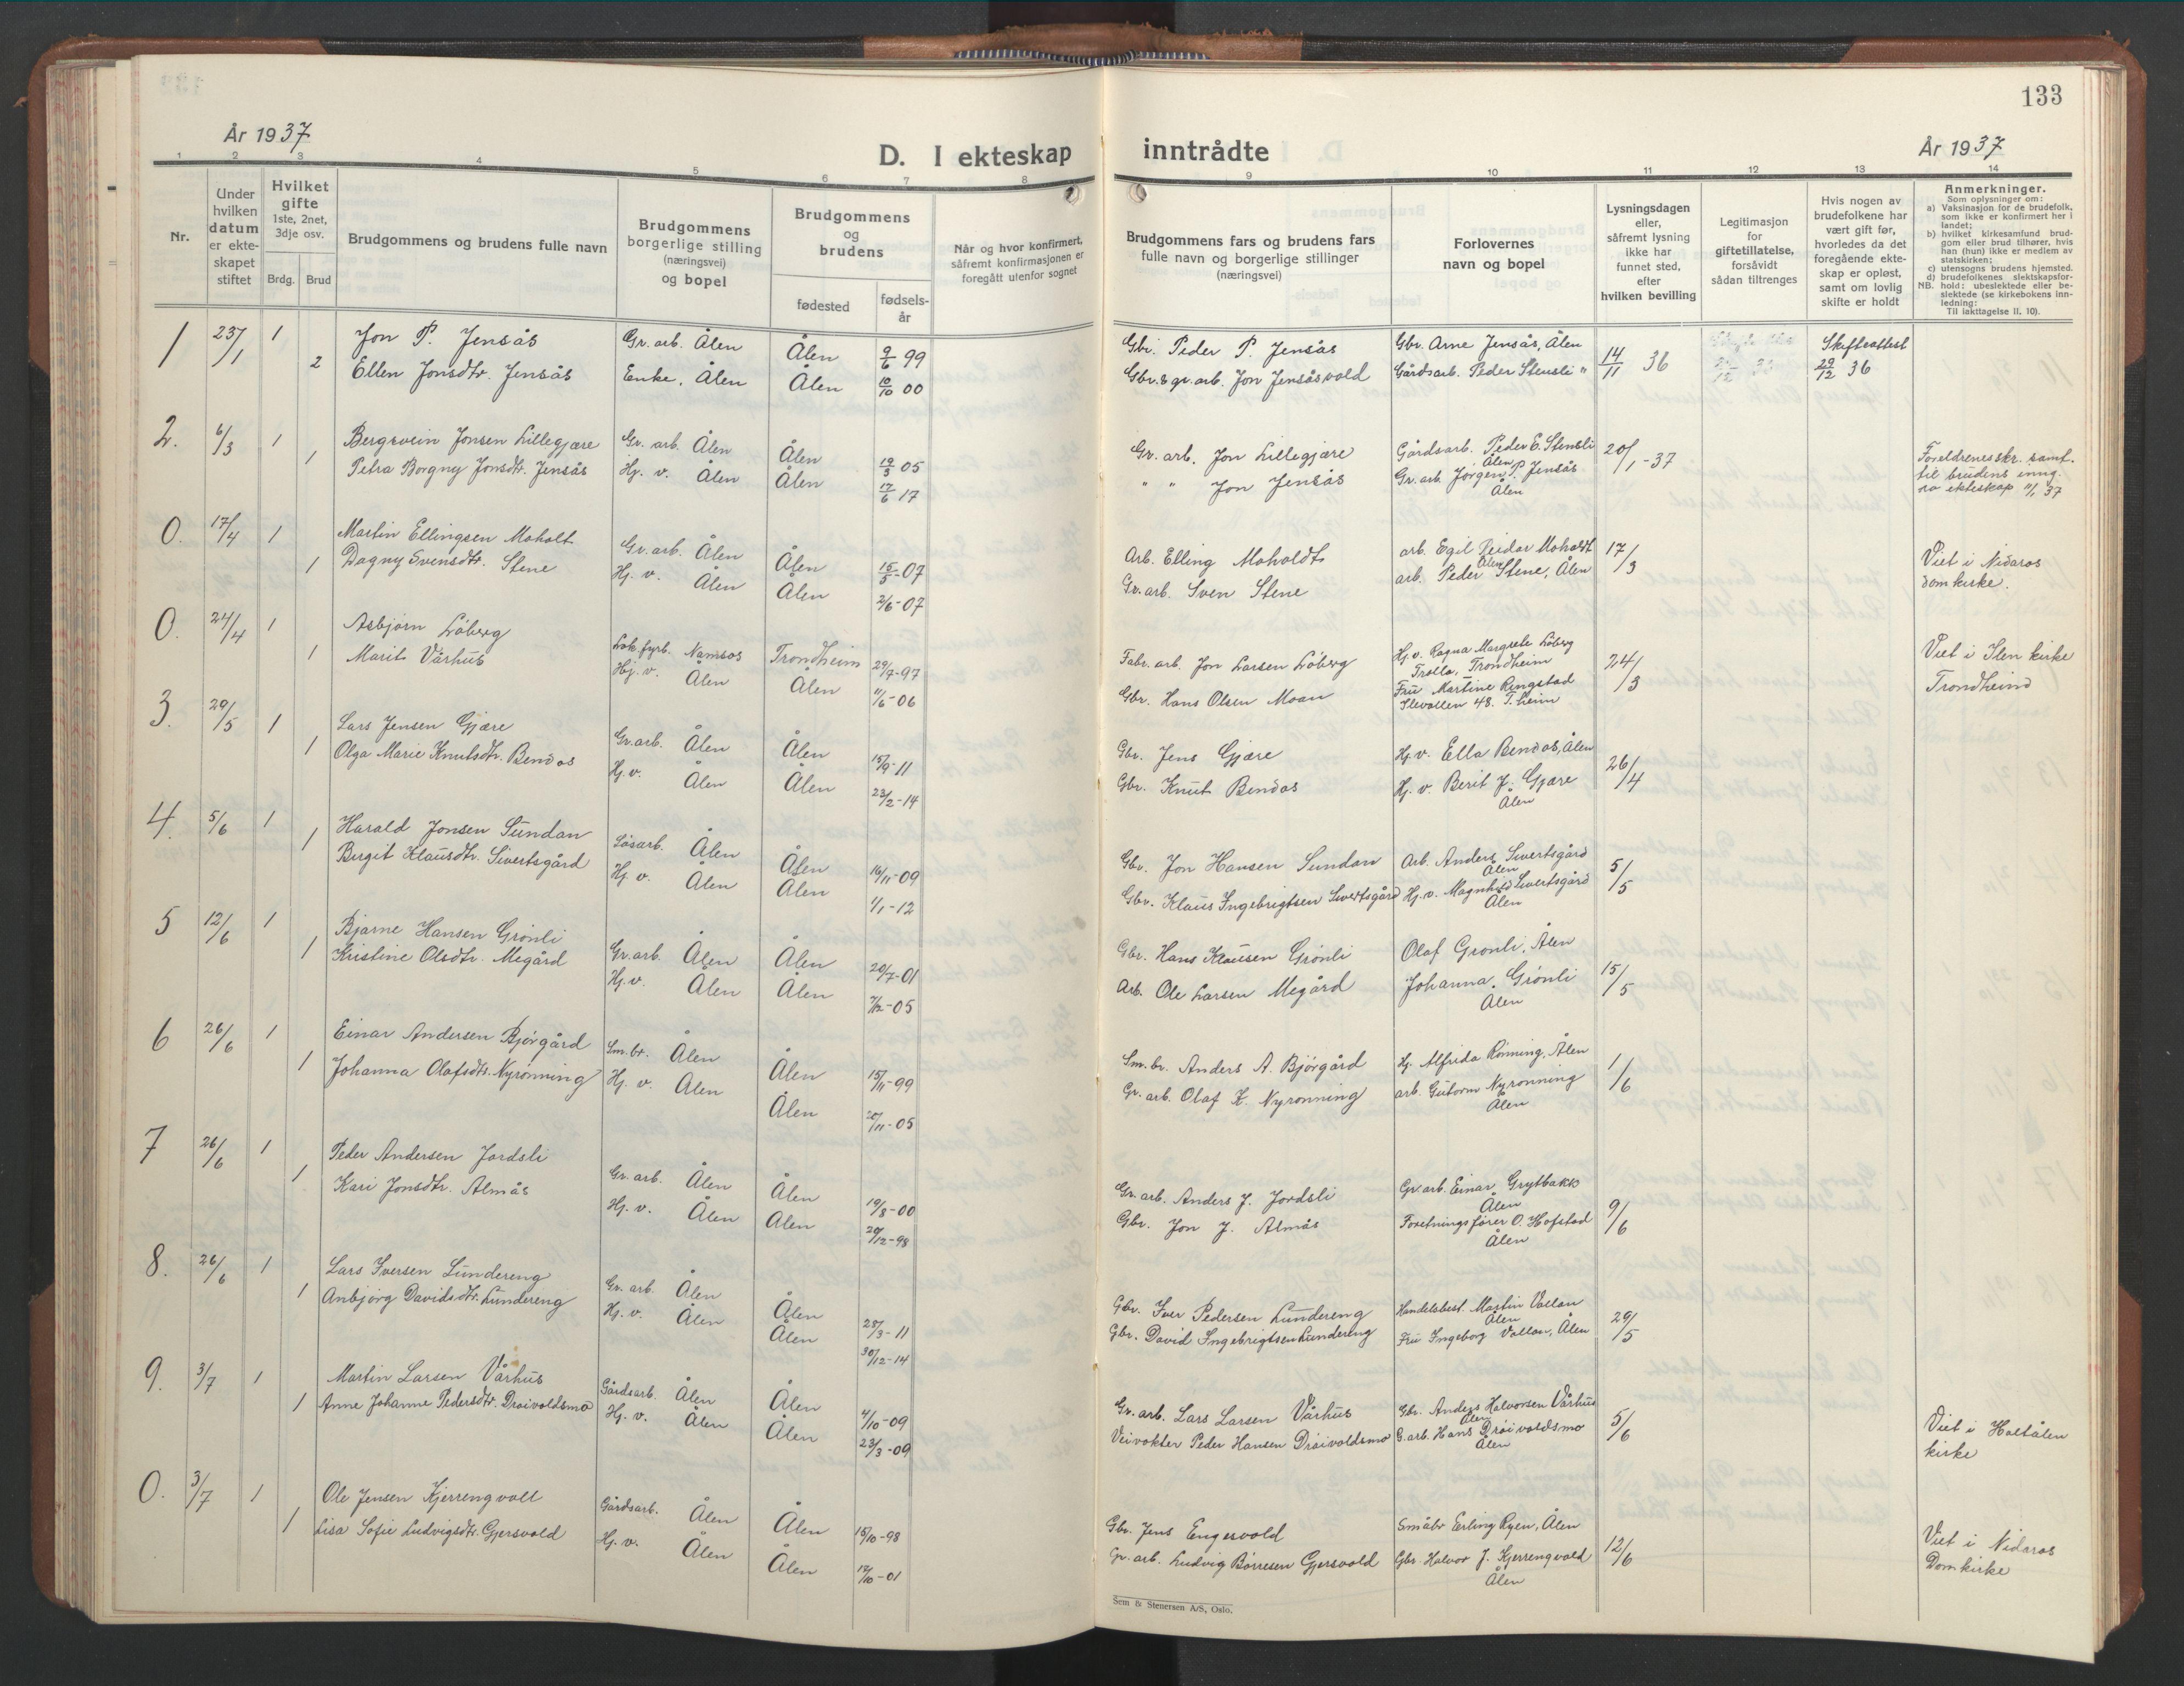 SAT, Ministerialprotokoller, klokkerbøker og fødselsregistre - Sør-Trøndelag, 686/L0986: Klokkerbok nr. 686C02, 1933-1950, s. 133